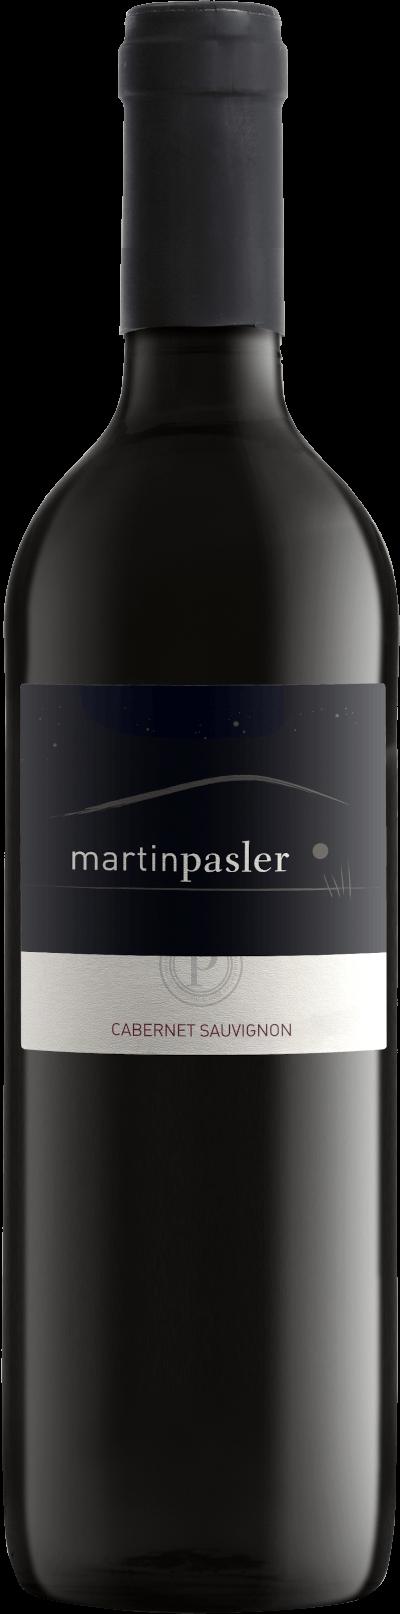 Martin Pasler - Cabernet Sauvignon